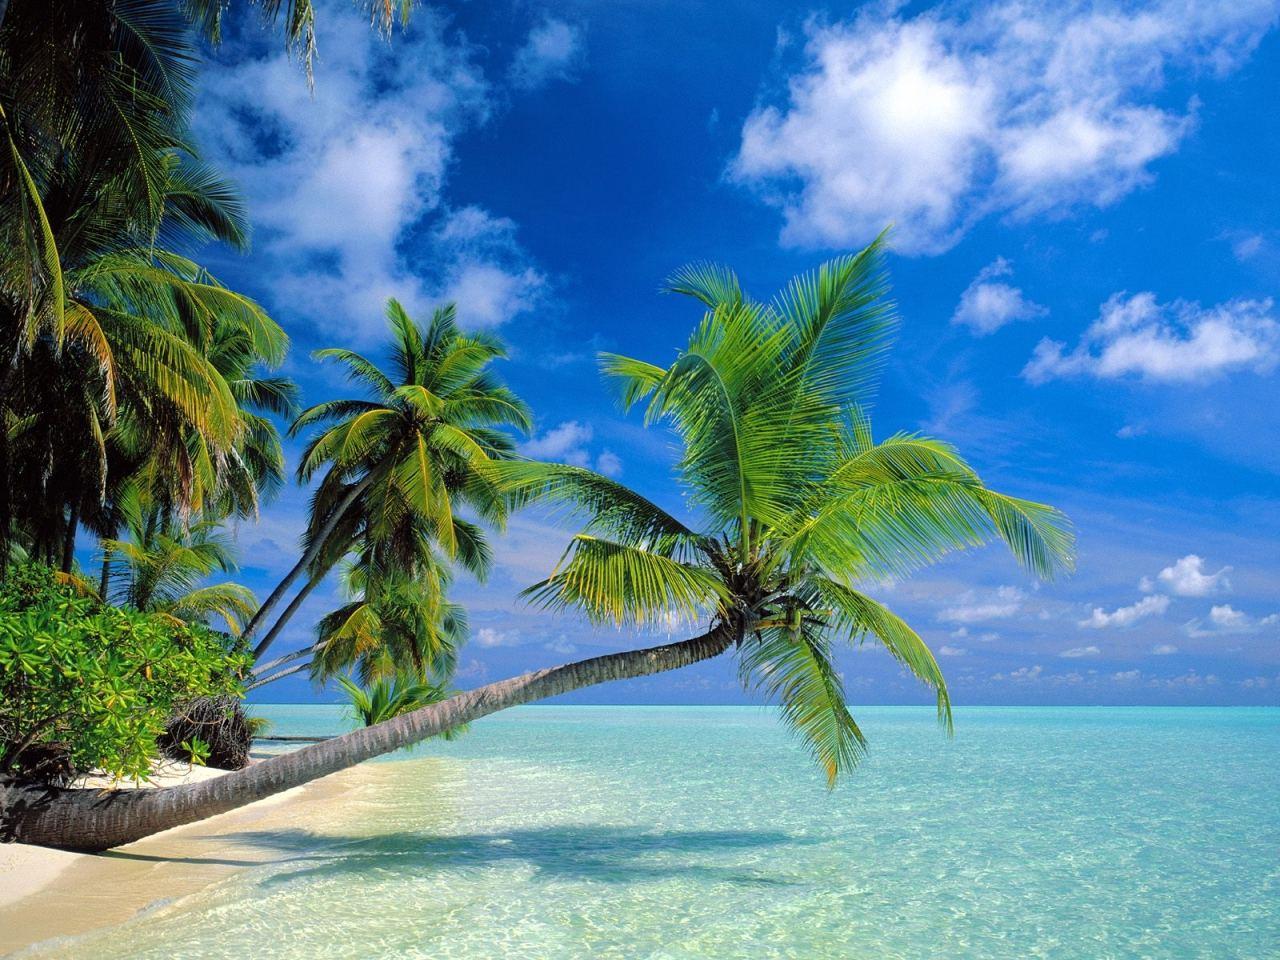 maldive paradiso tropicale